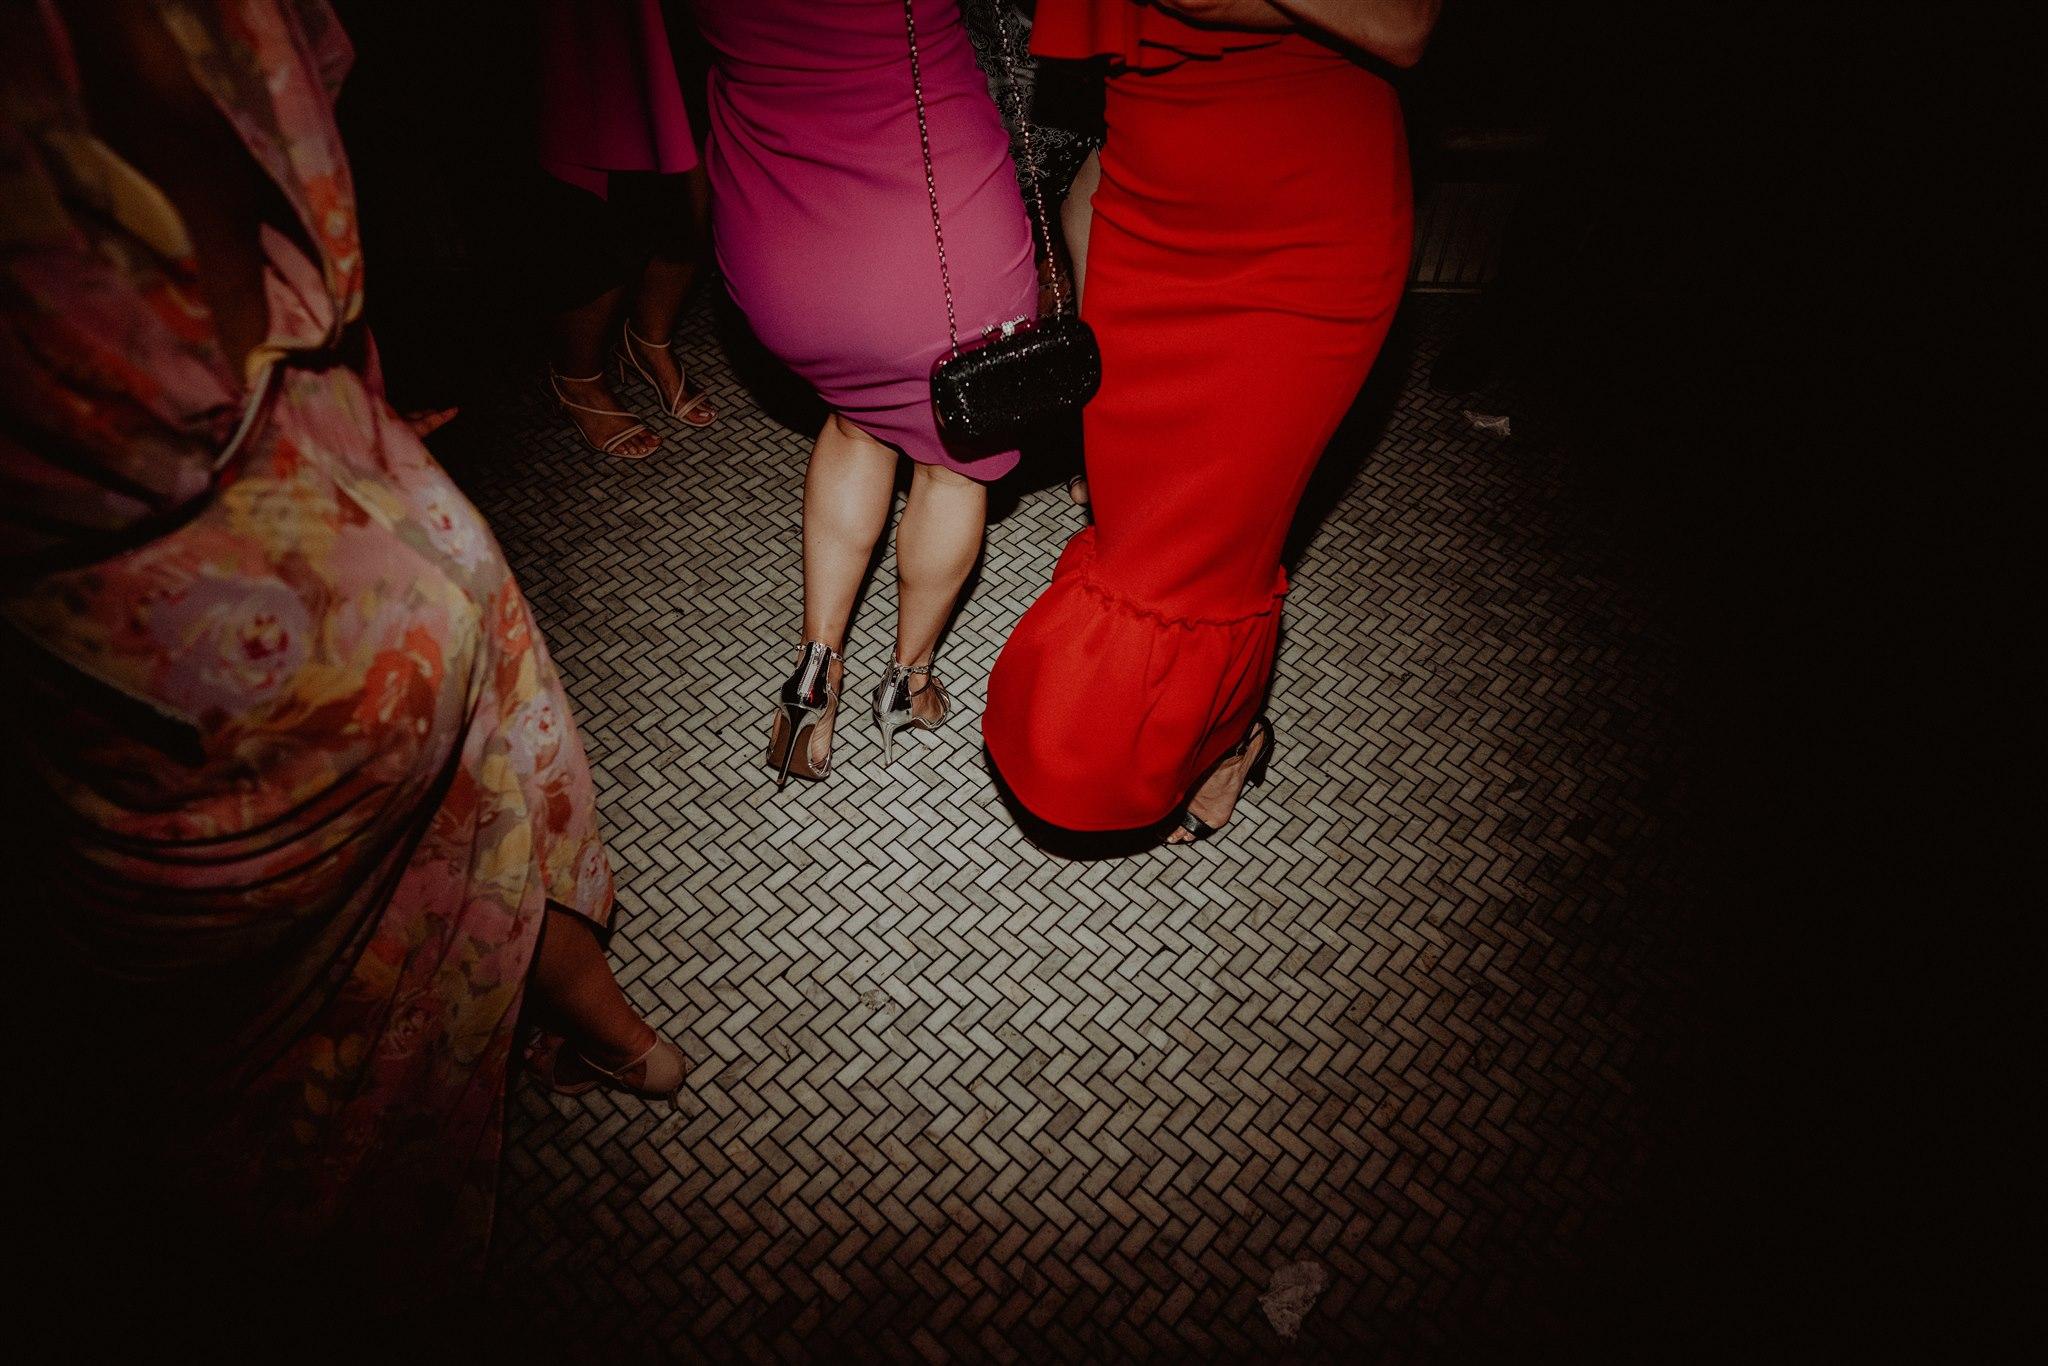 Chellise_Michael_Photography_Ramona_Brooklyn_Wedding_Photographer-652.jpg